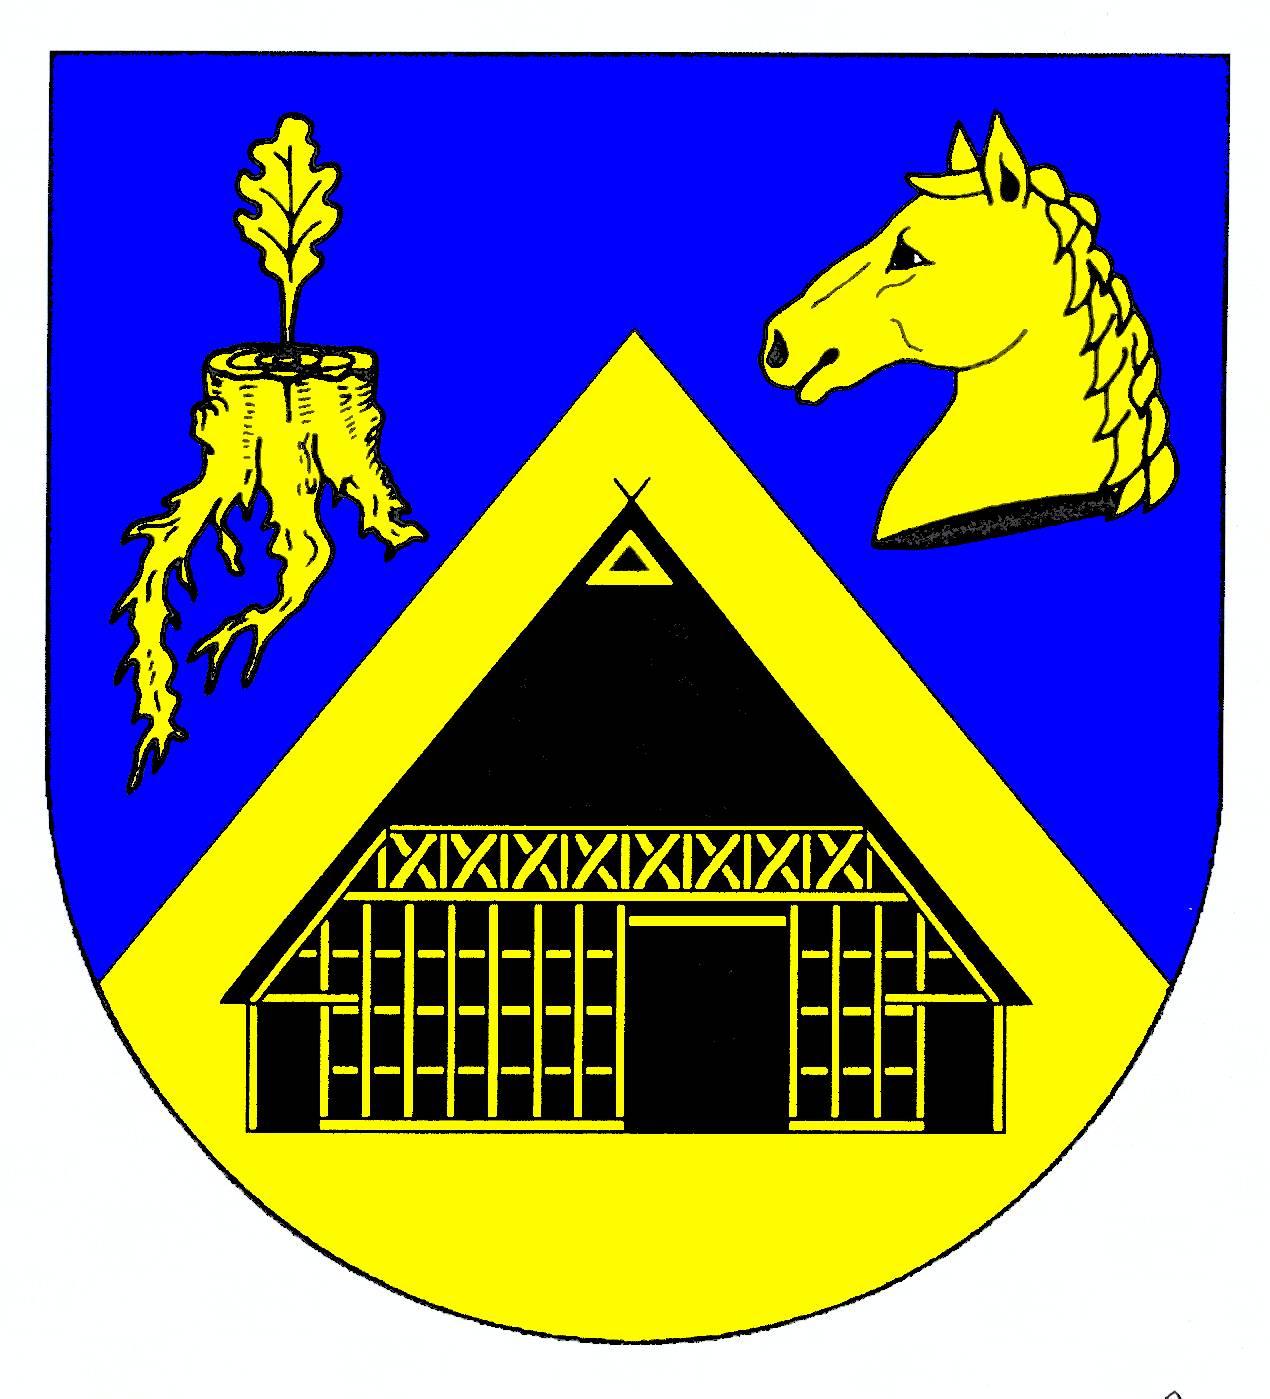 Wappen GemeindeWaggersrott, Kreis Schleswig-Flensburg